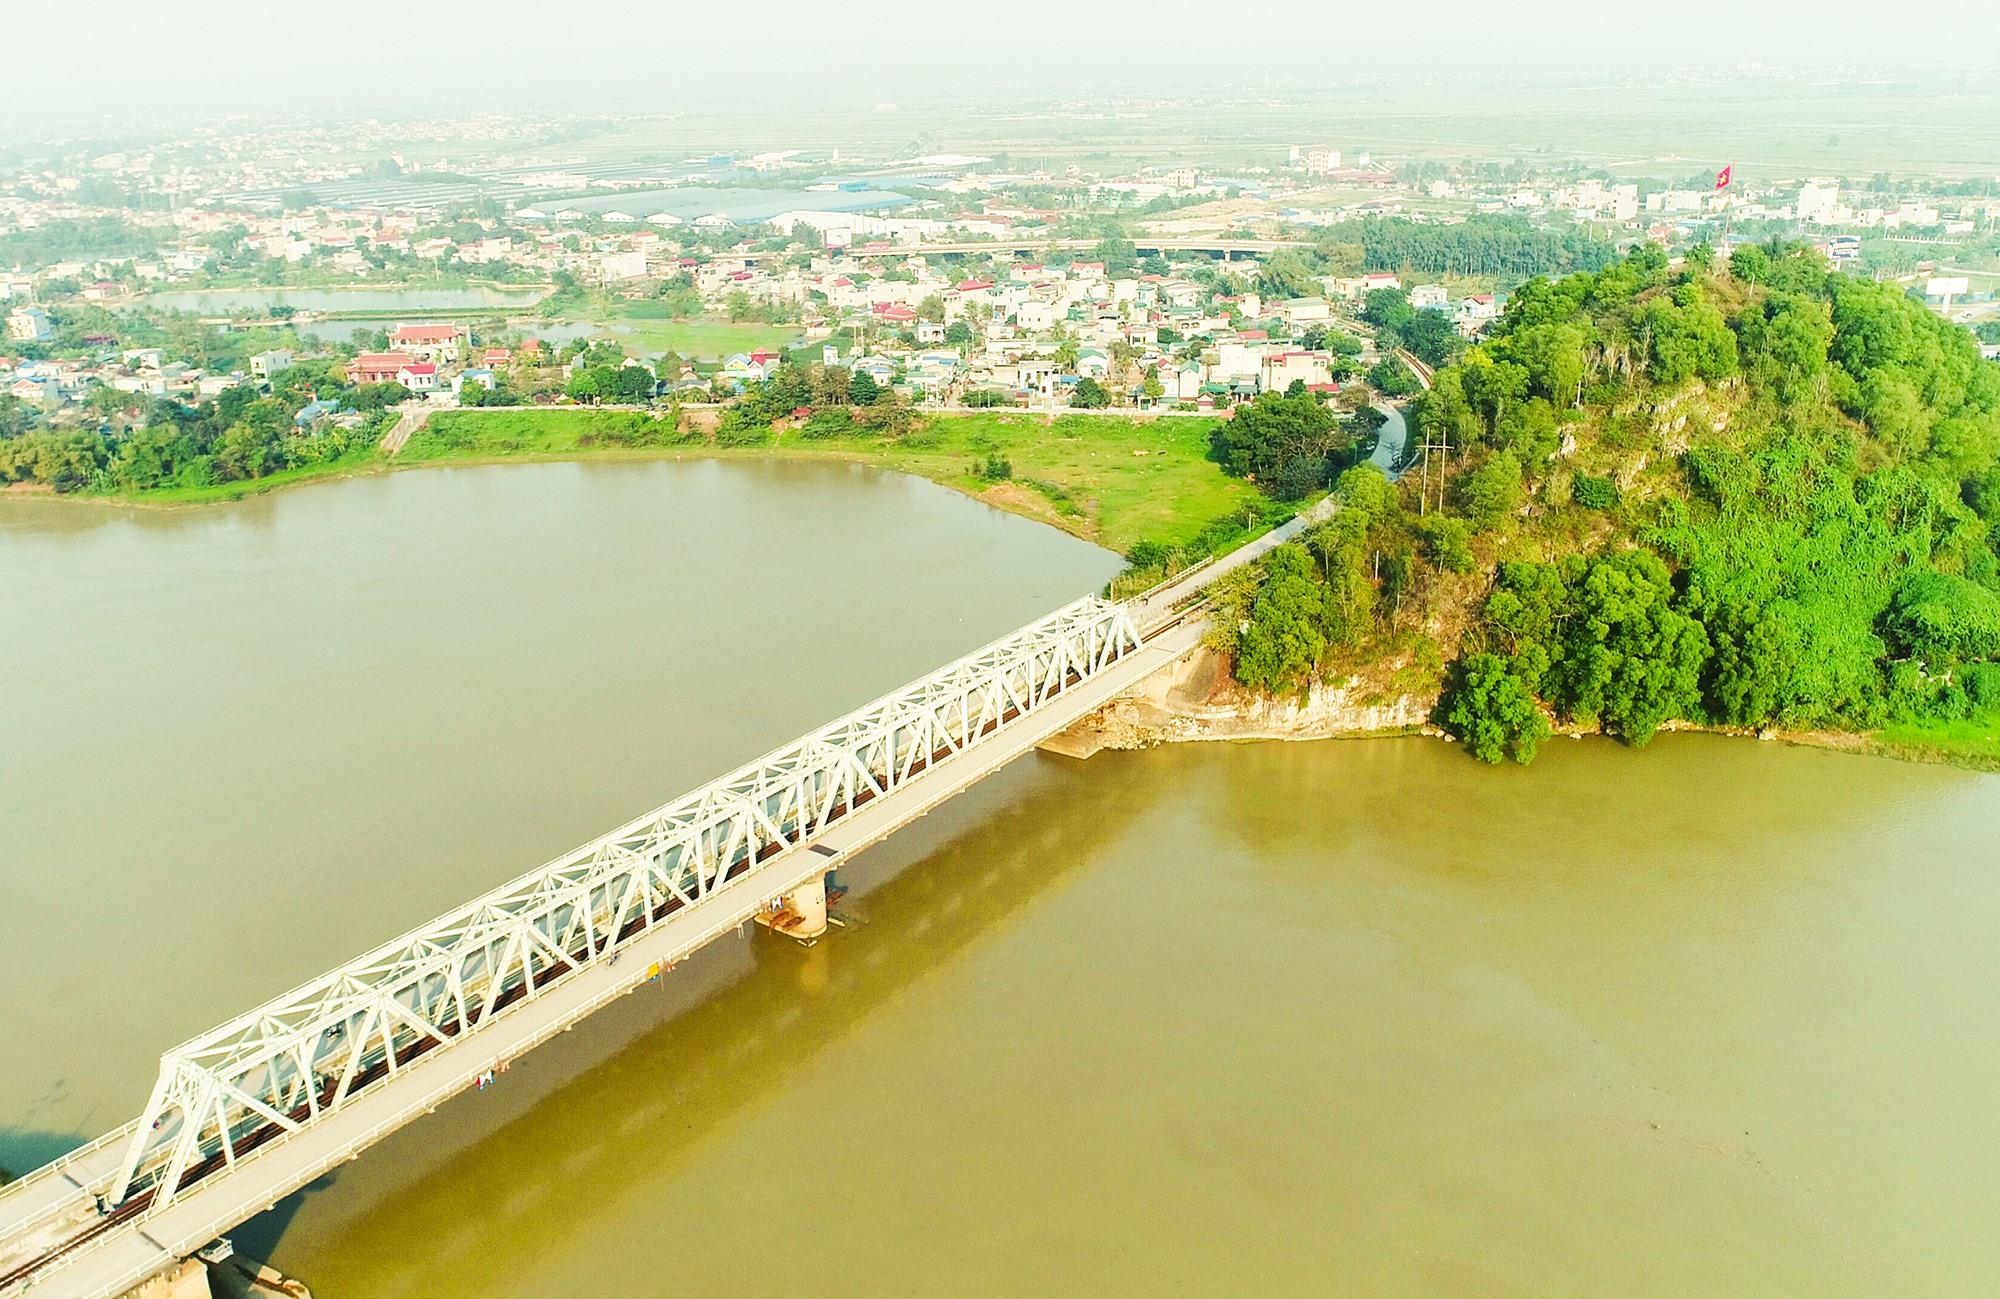 Cầu Hàm Rồng là một di tích lịch sử quan trọng, thông tuyến chiến lược để miền Bắc vận chuyển quân lương vào vi viện cho miền Nam.